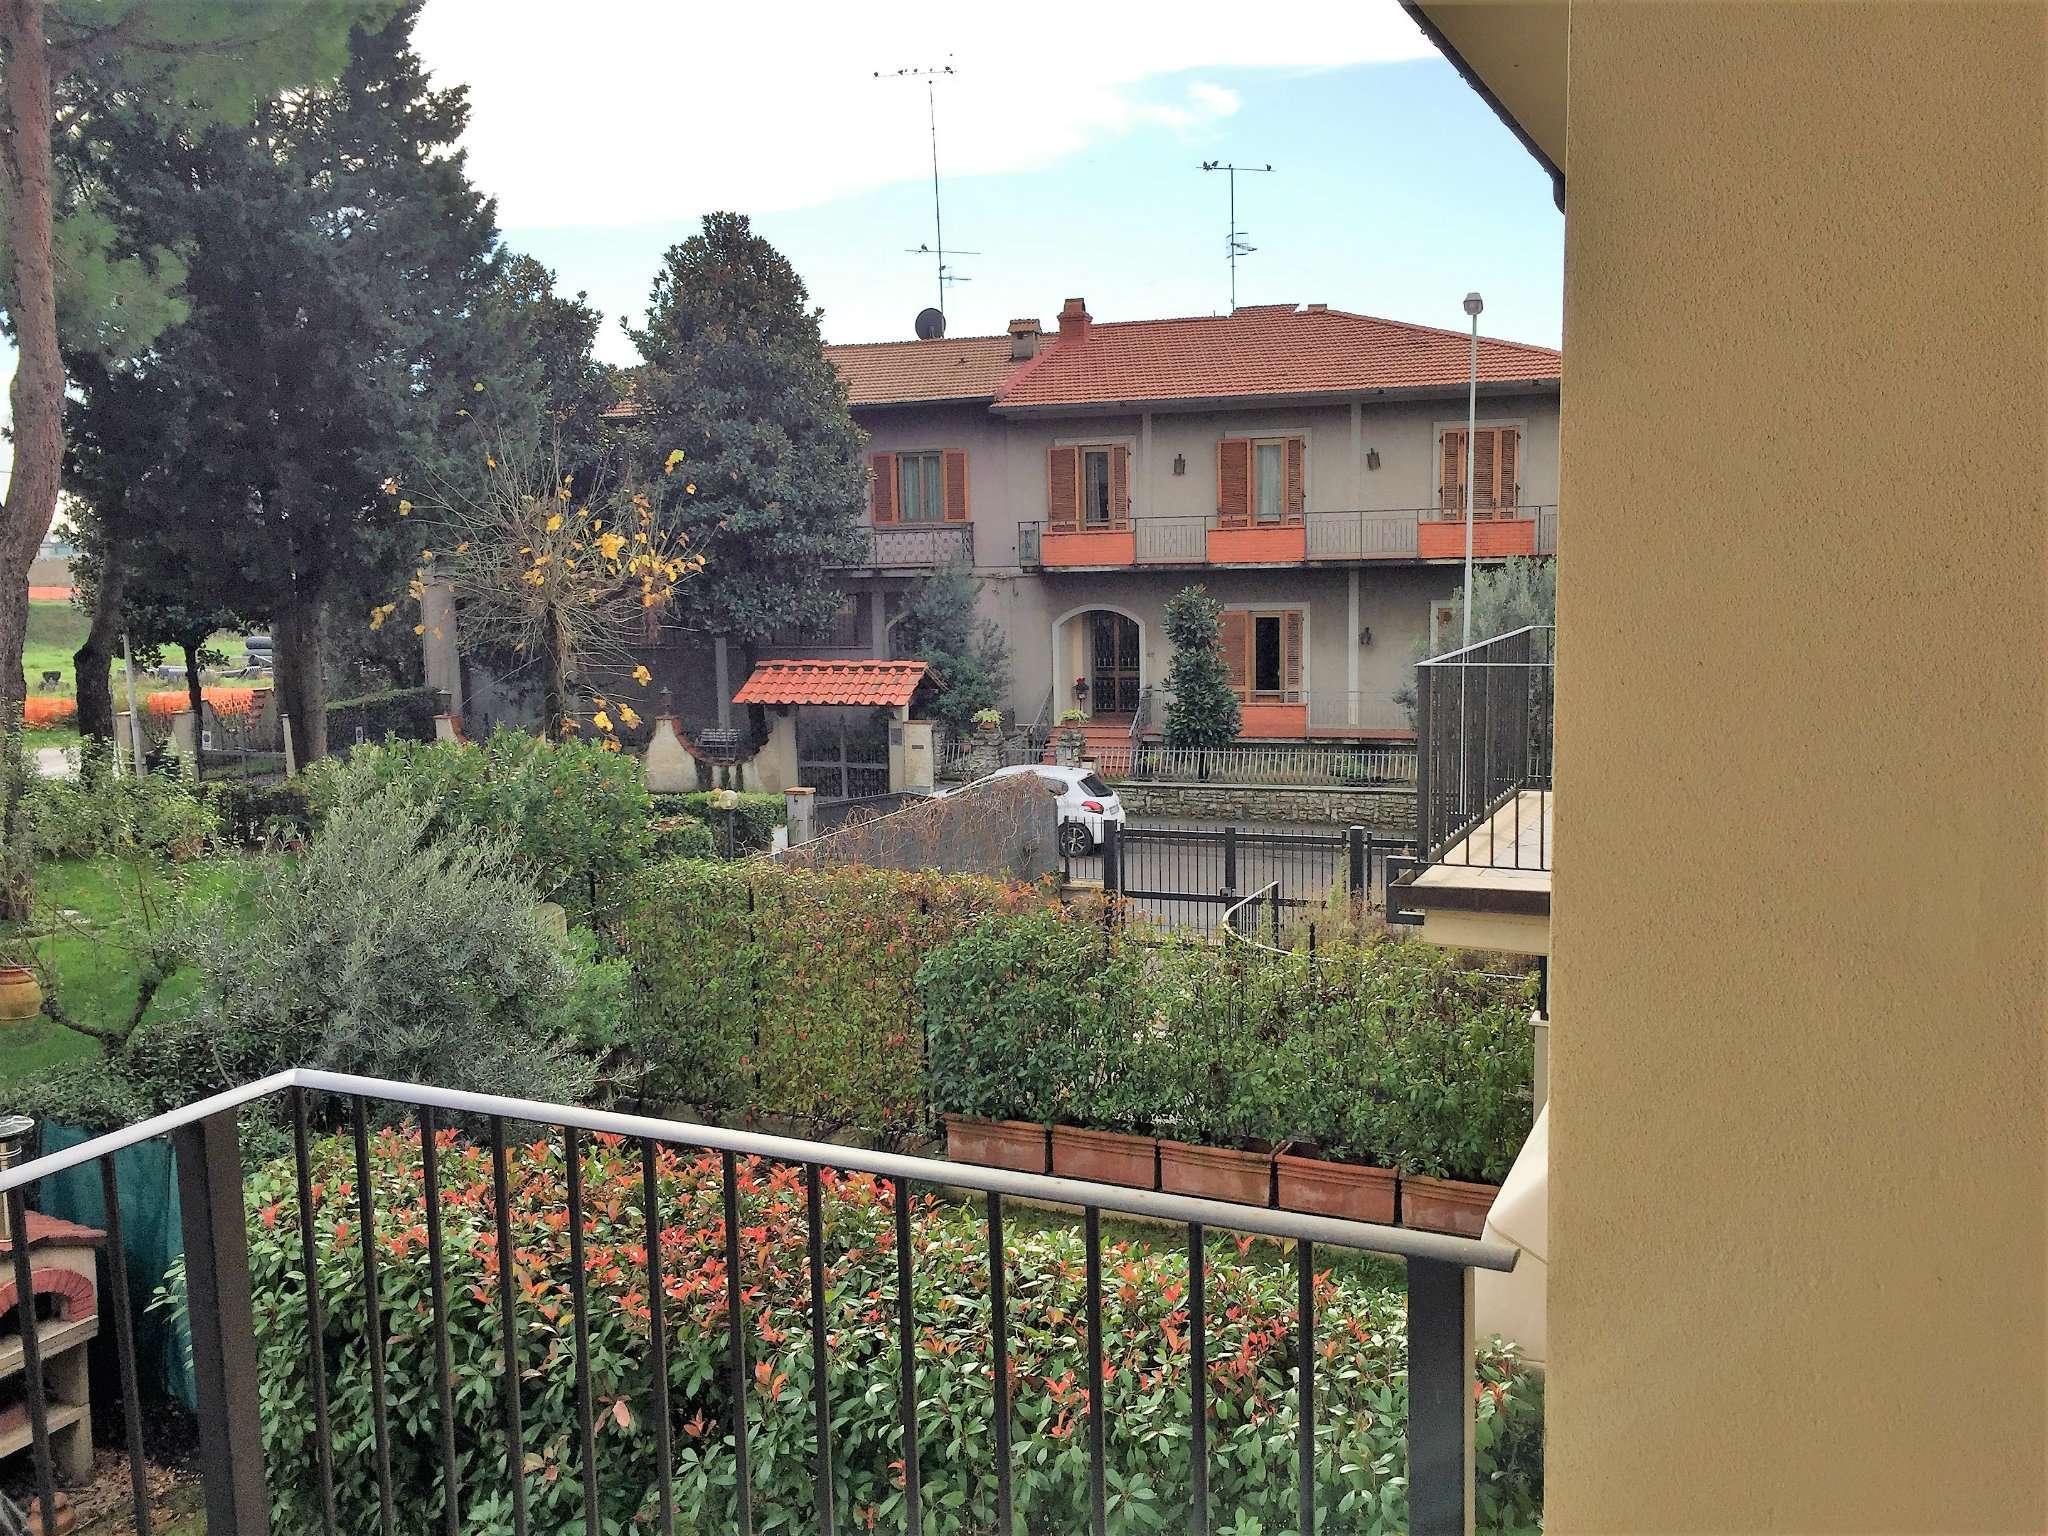 Soluzione Indipendente in vendita a Calenzano, 3 locali, prezzo € 230.000 | CambioCasa.it